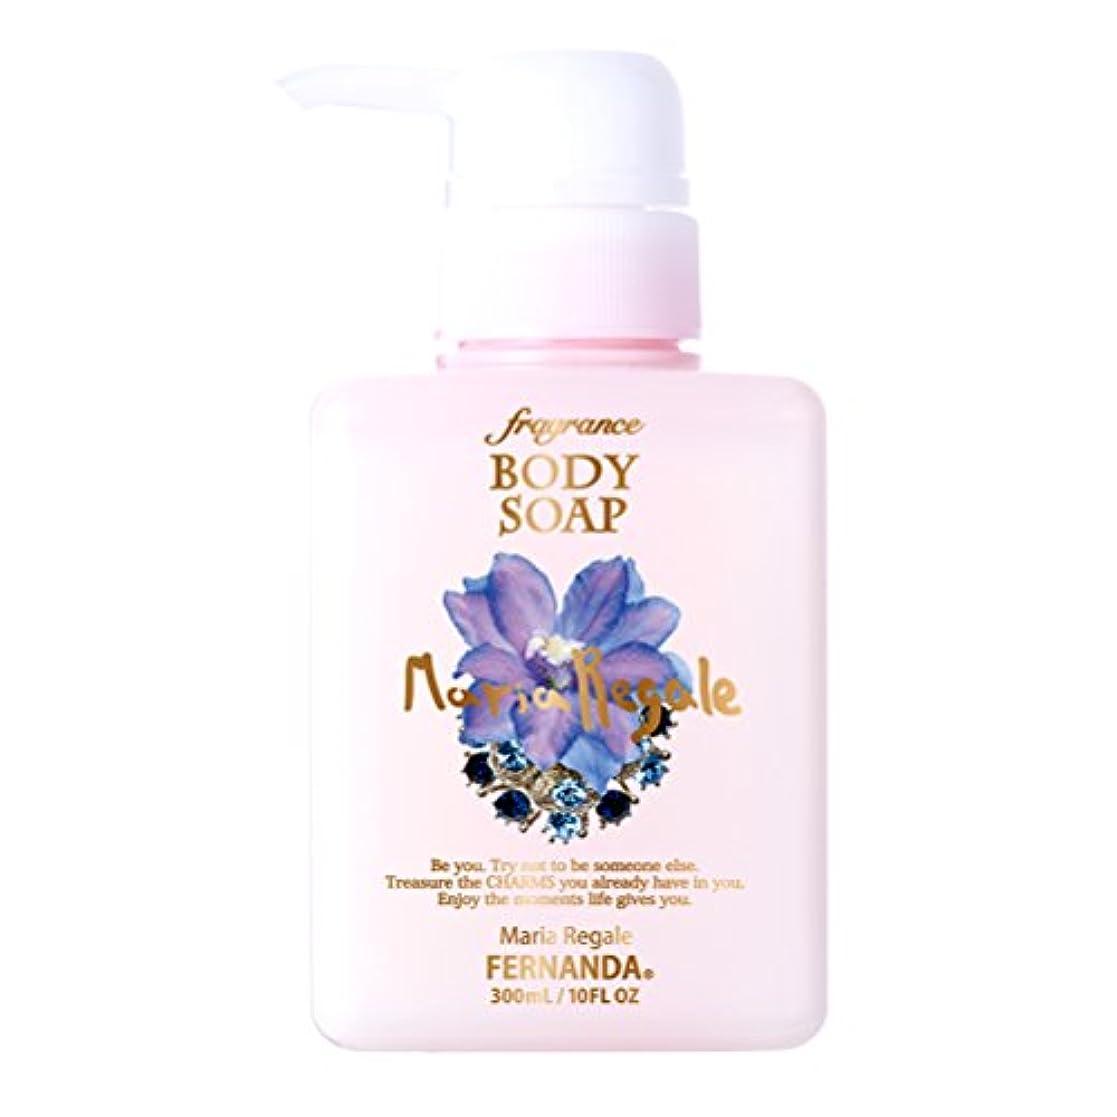 機械的に喪キリスト教FERNANDA(フェルナンダ) Fragrance Body Soap Maria Regale (ボディソープ マリアリゲル) FJBS0003